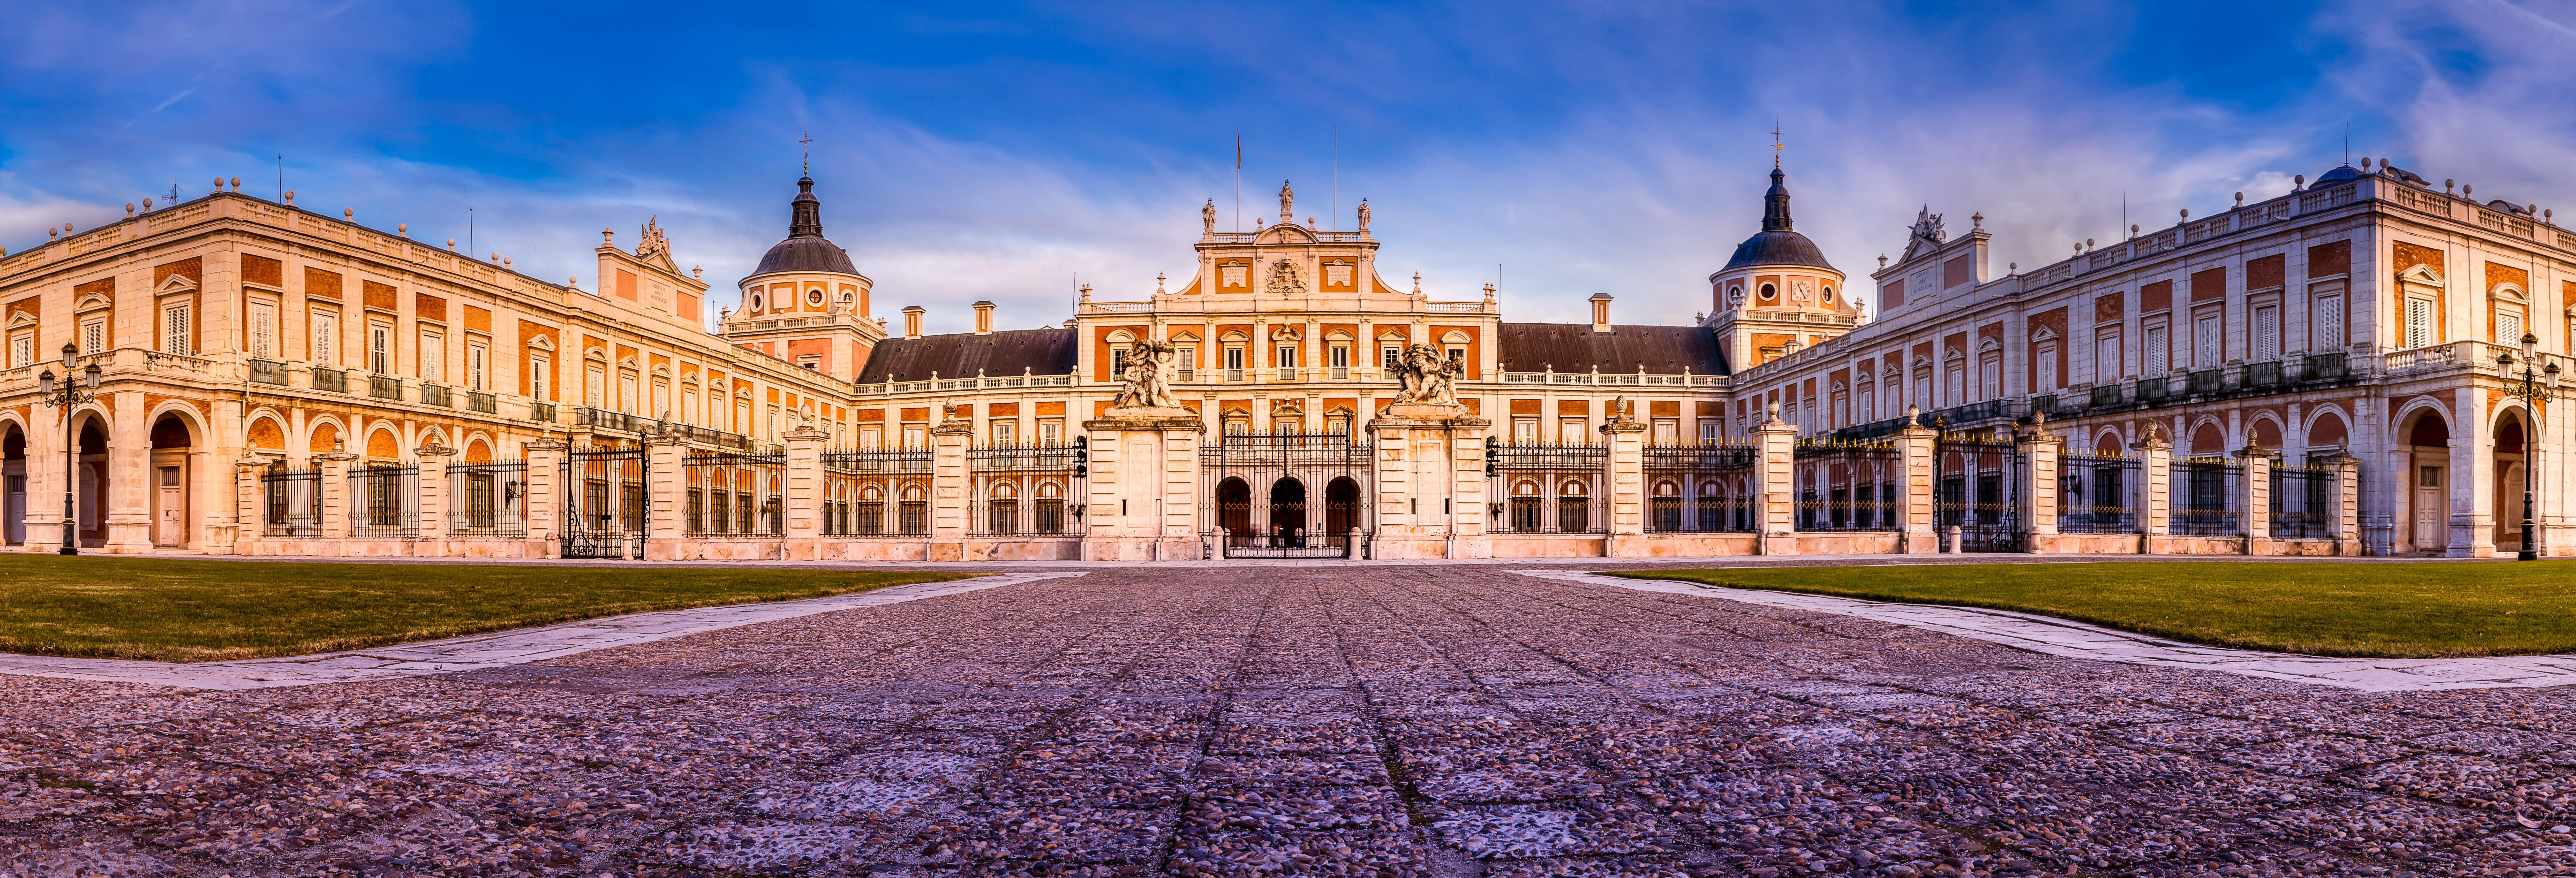 Visita guiada por Aranjuez